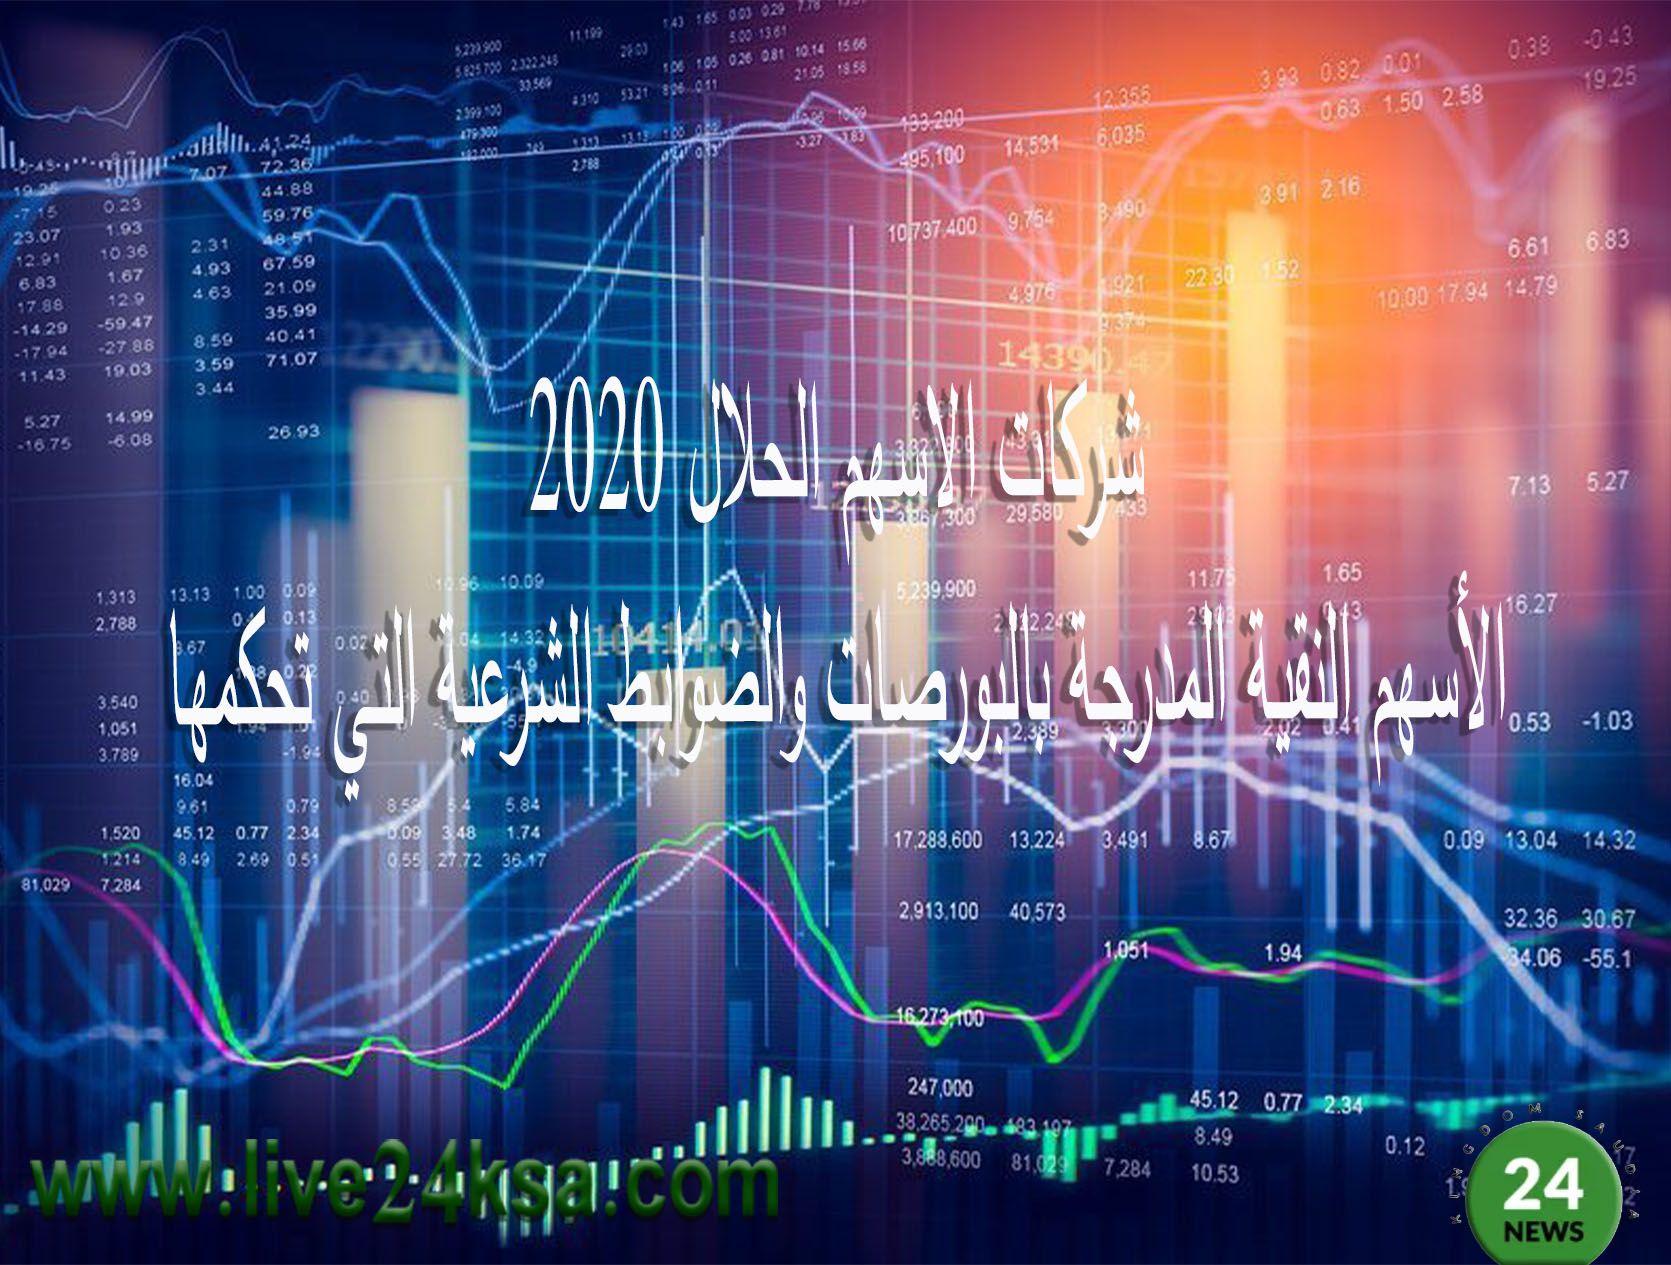 شركات الاسهم الحلال 2020 الأسهم النقية المدرجة بالبورصات والضوابط الشرعية التي تحكمها In 2020 Neon Signs